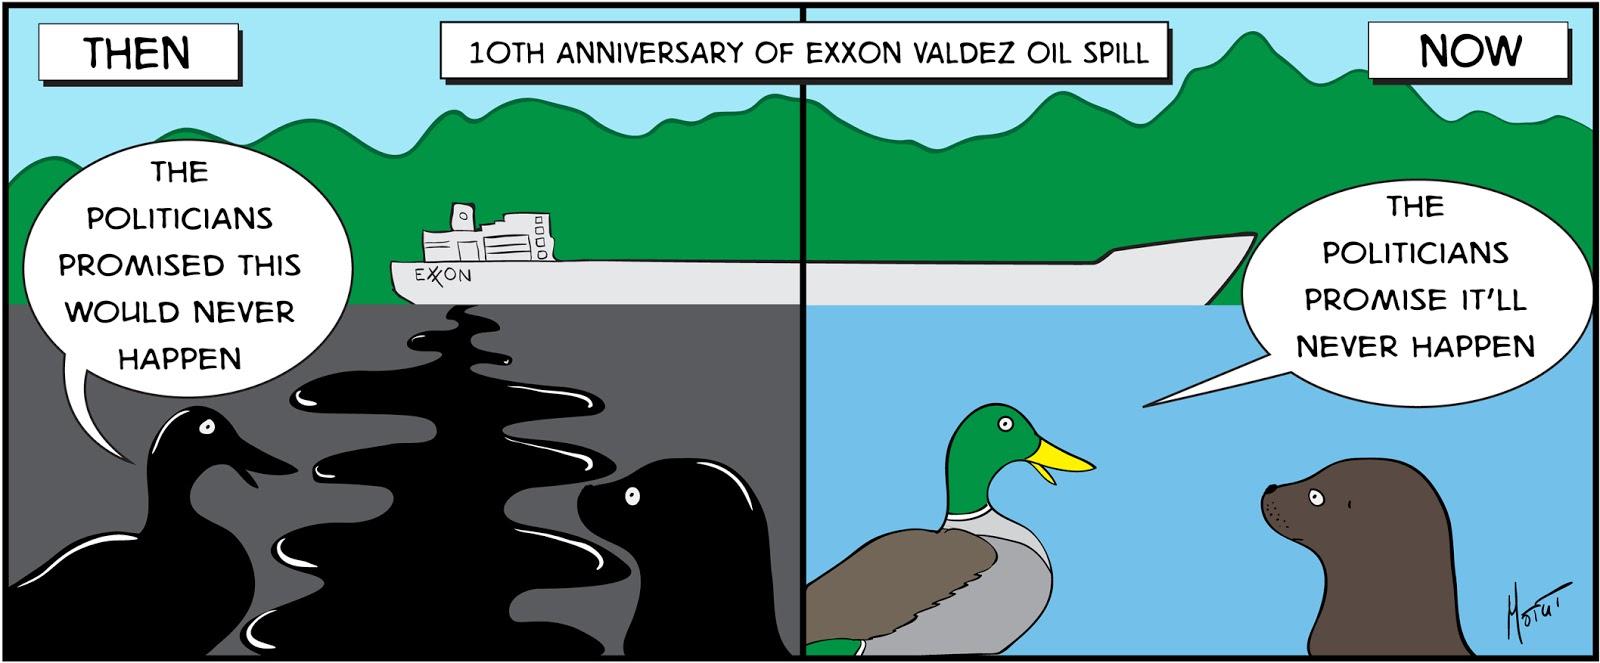 Bp Oil Spill Clipart.